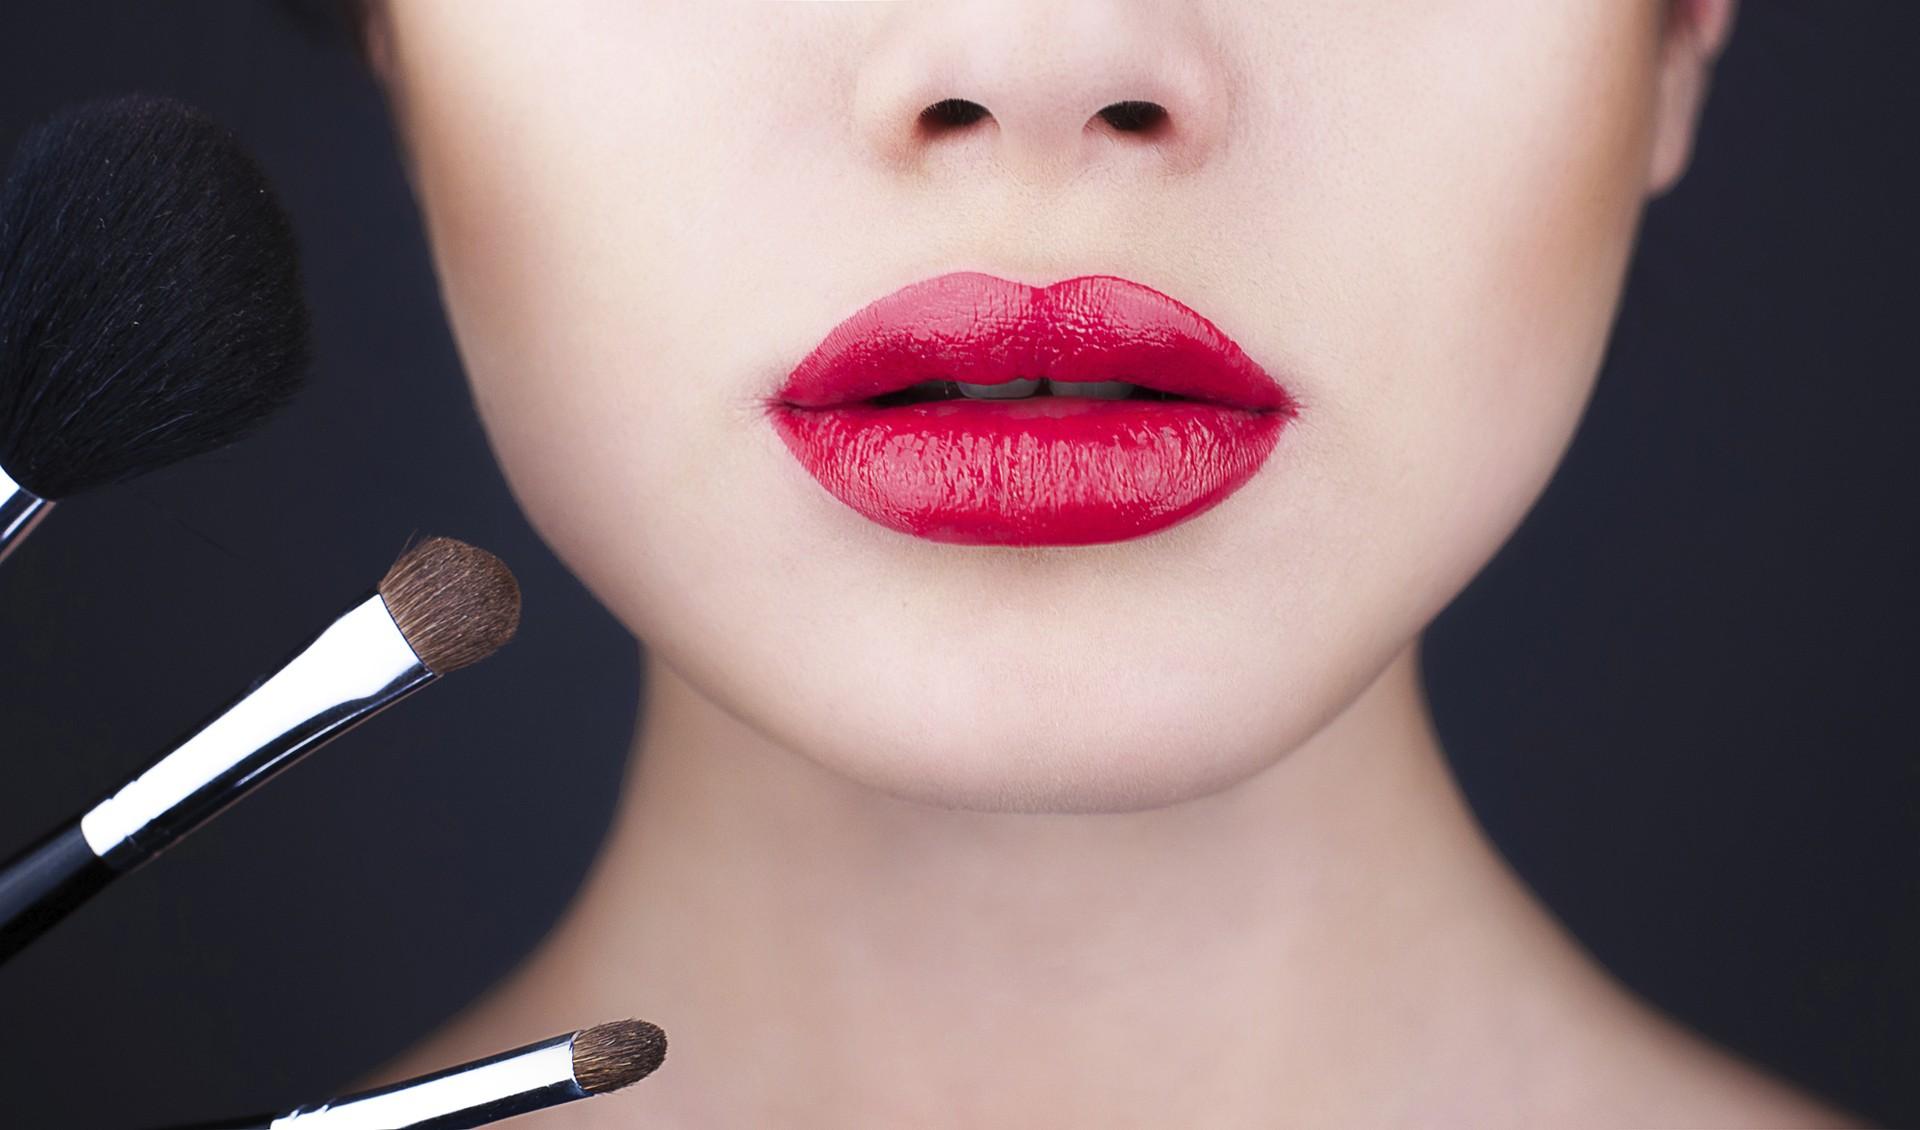 Descubra a maneira certa de aplicar a maquiagem (Foto: Thinkstock)